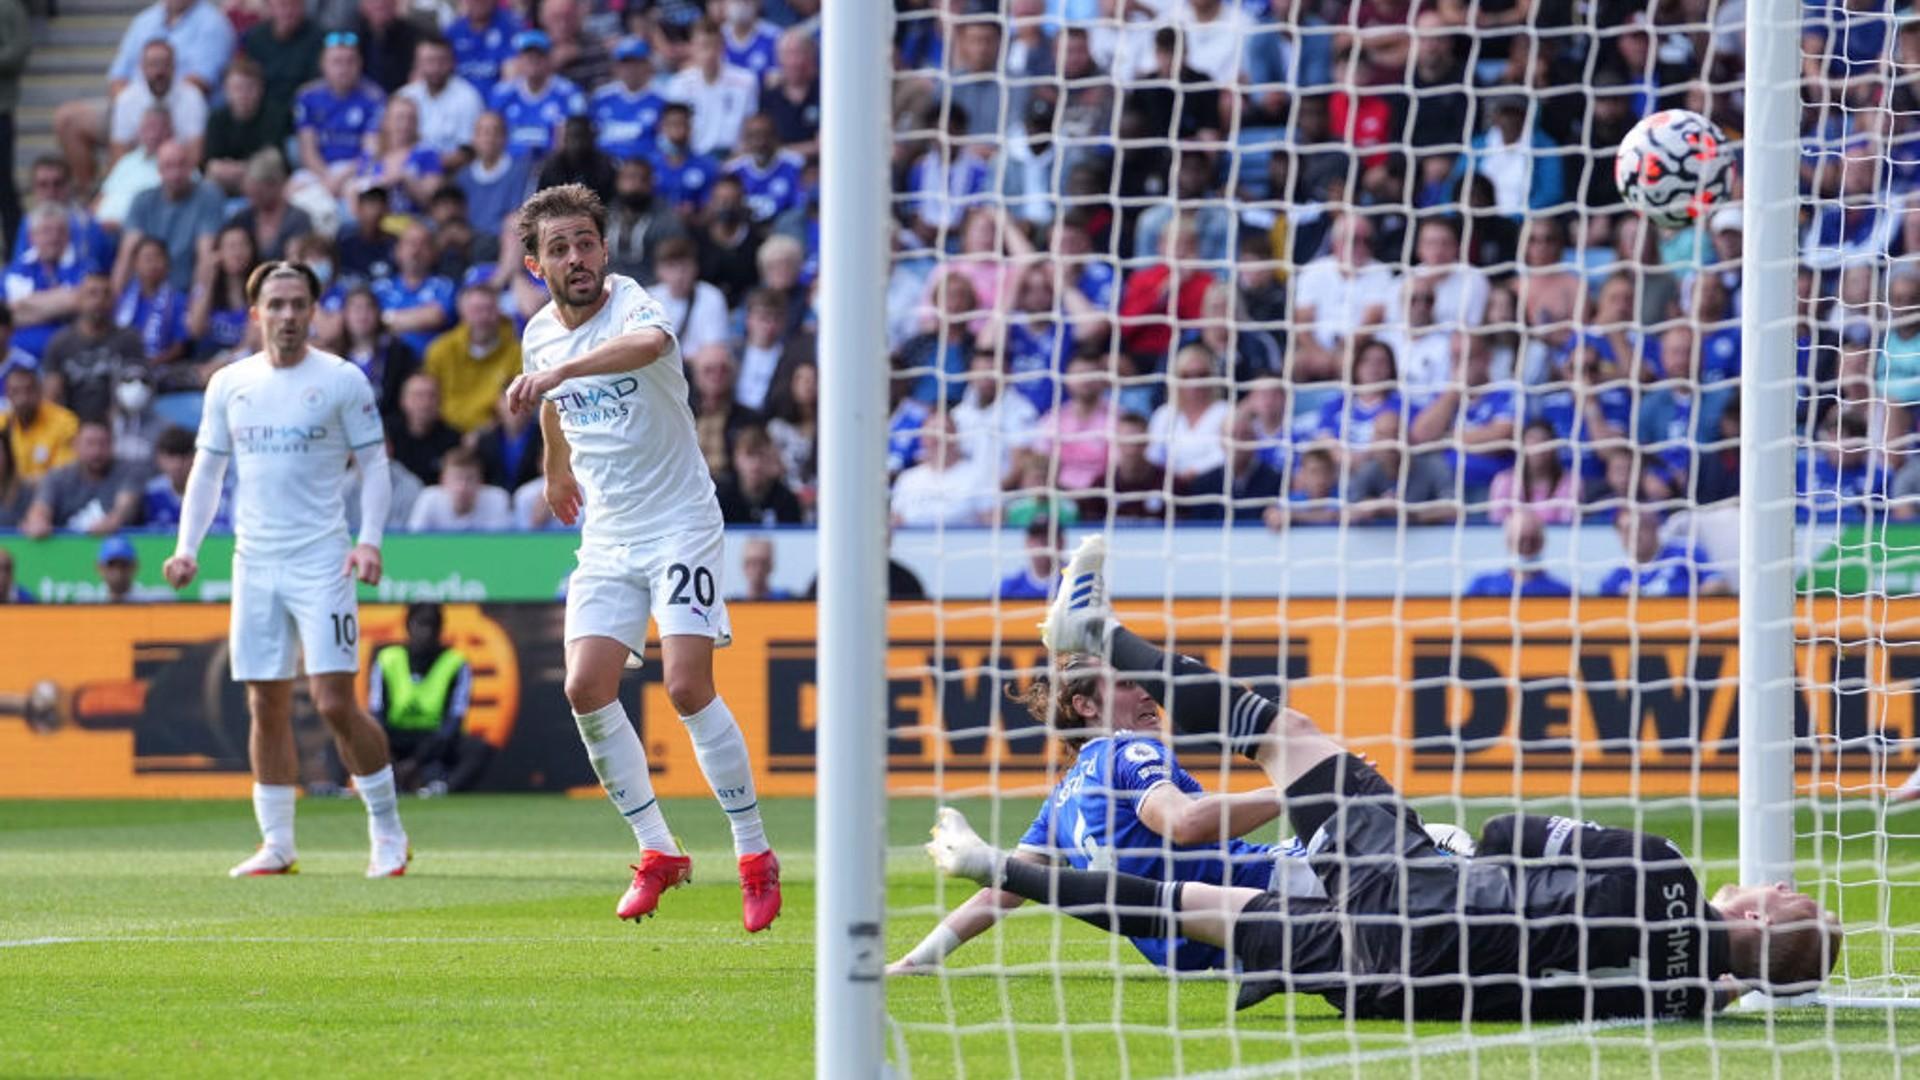 ¡GOL! : Bernardo Silva anotó el tanto de la victoria del City.